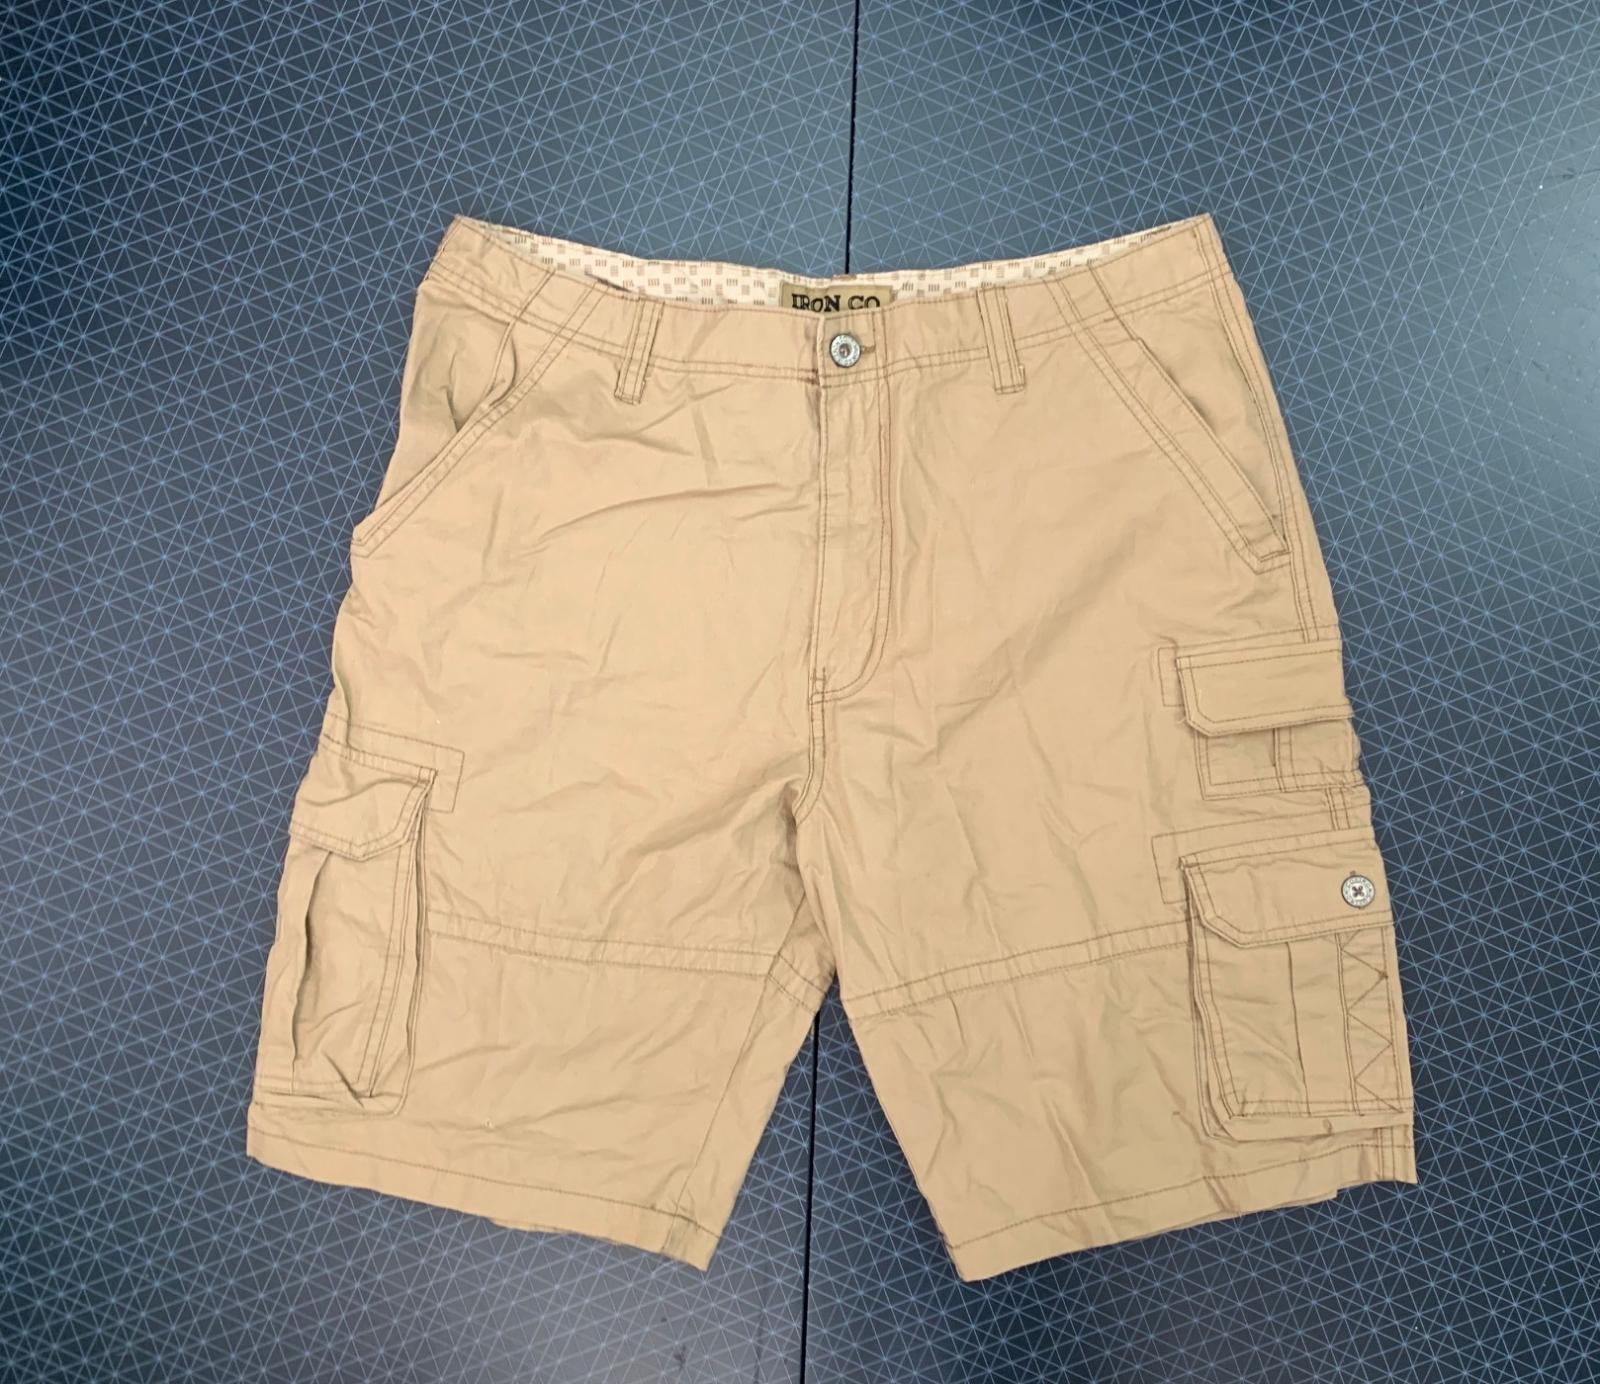 Мужские светлые шорты с карманами от IRON CO